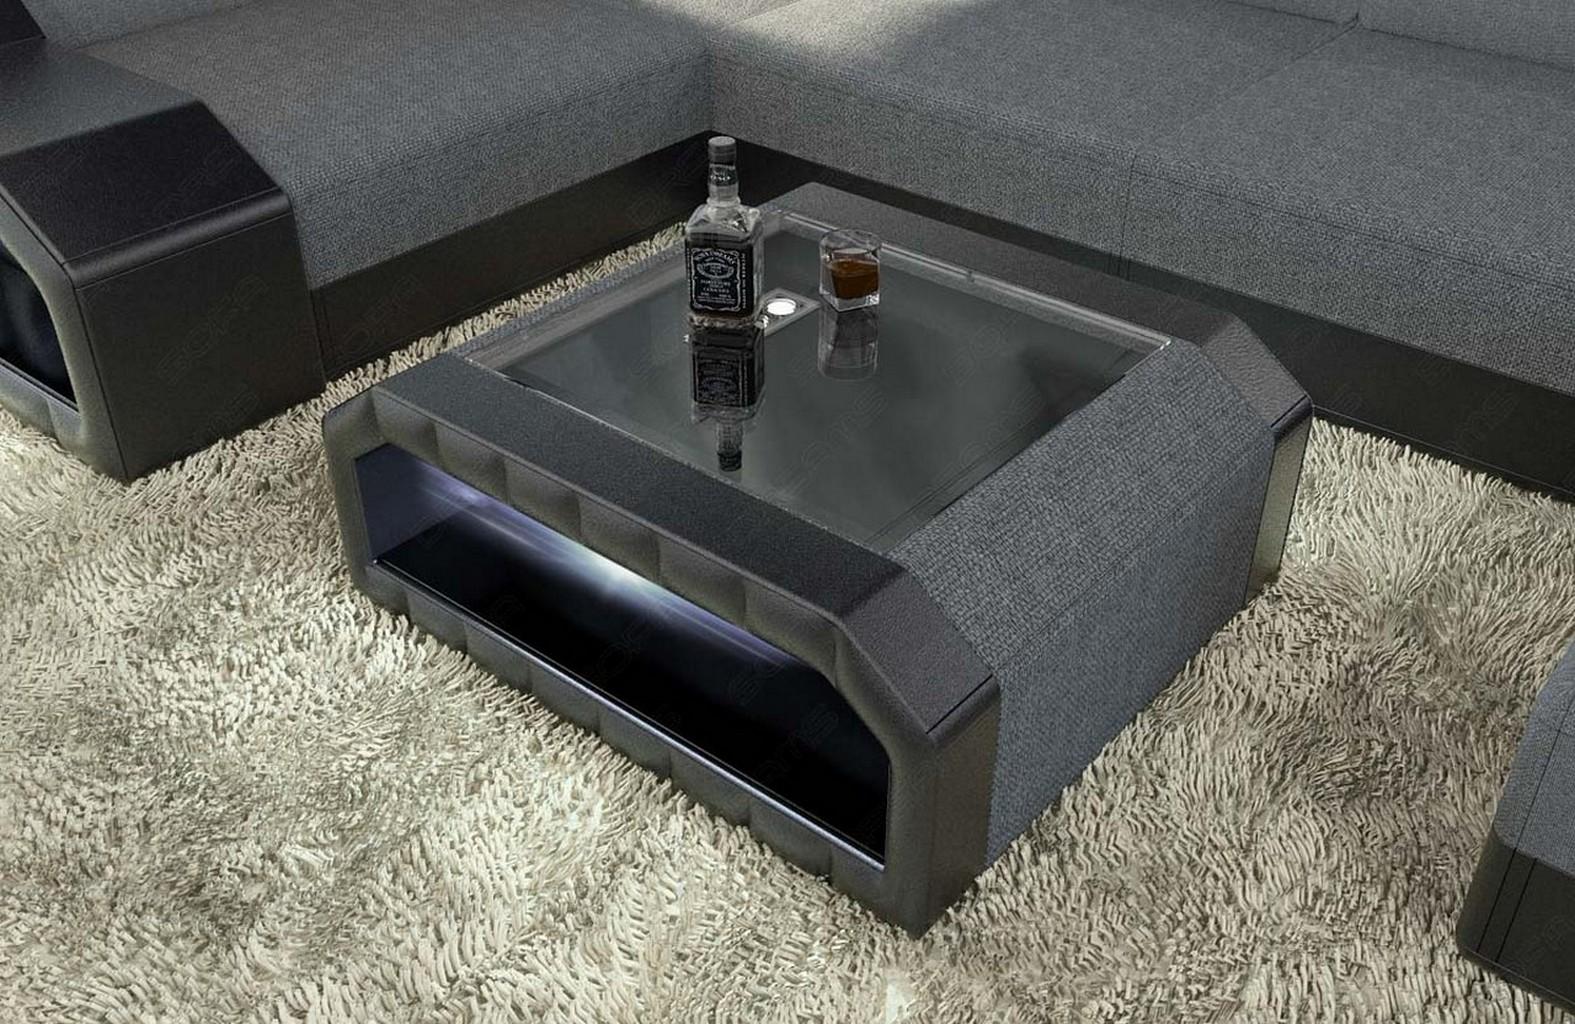 couchtisch beistelltisch stoff matera beleuchtung sicherheitsglasplatte tisch ebay. Black Bedroom Furniture Sets. Home Design Ideas